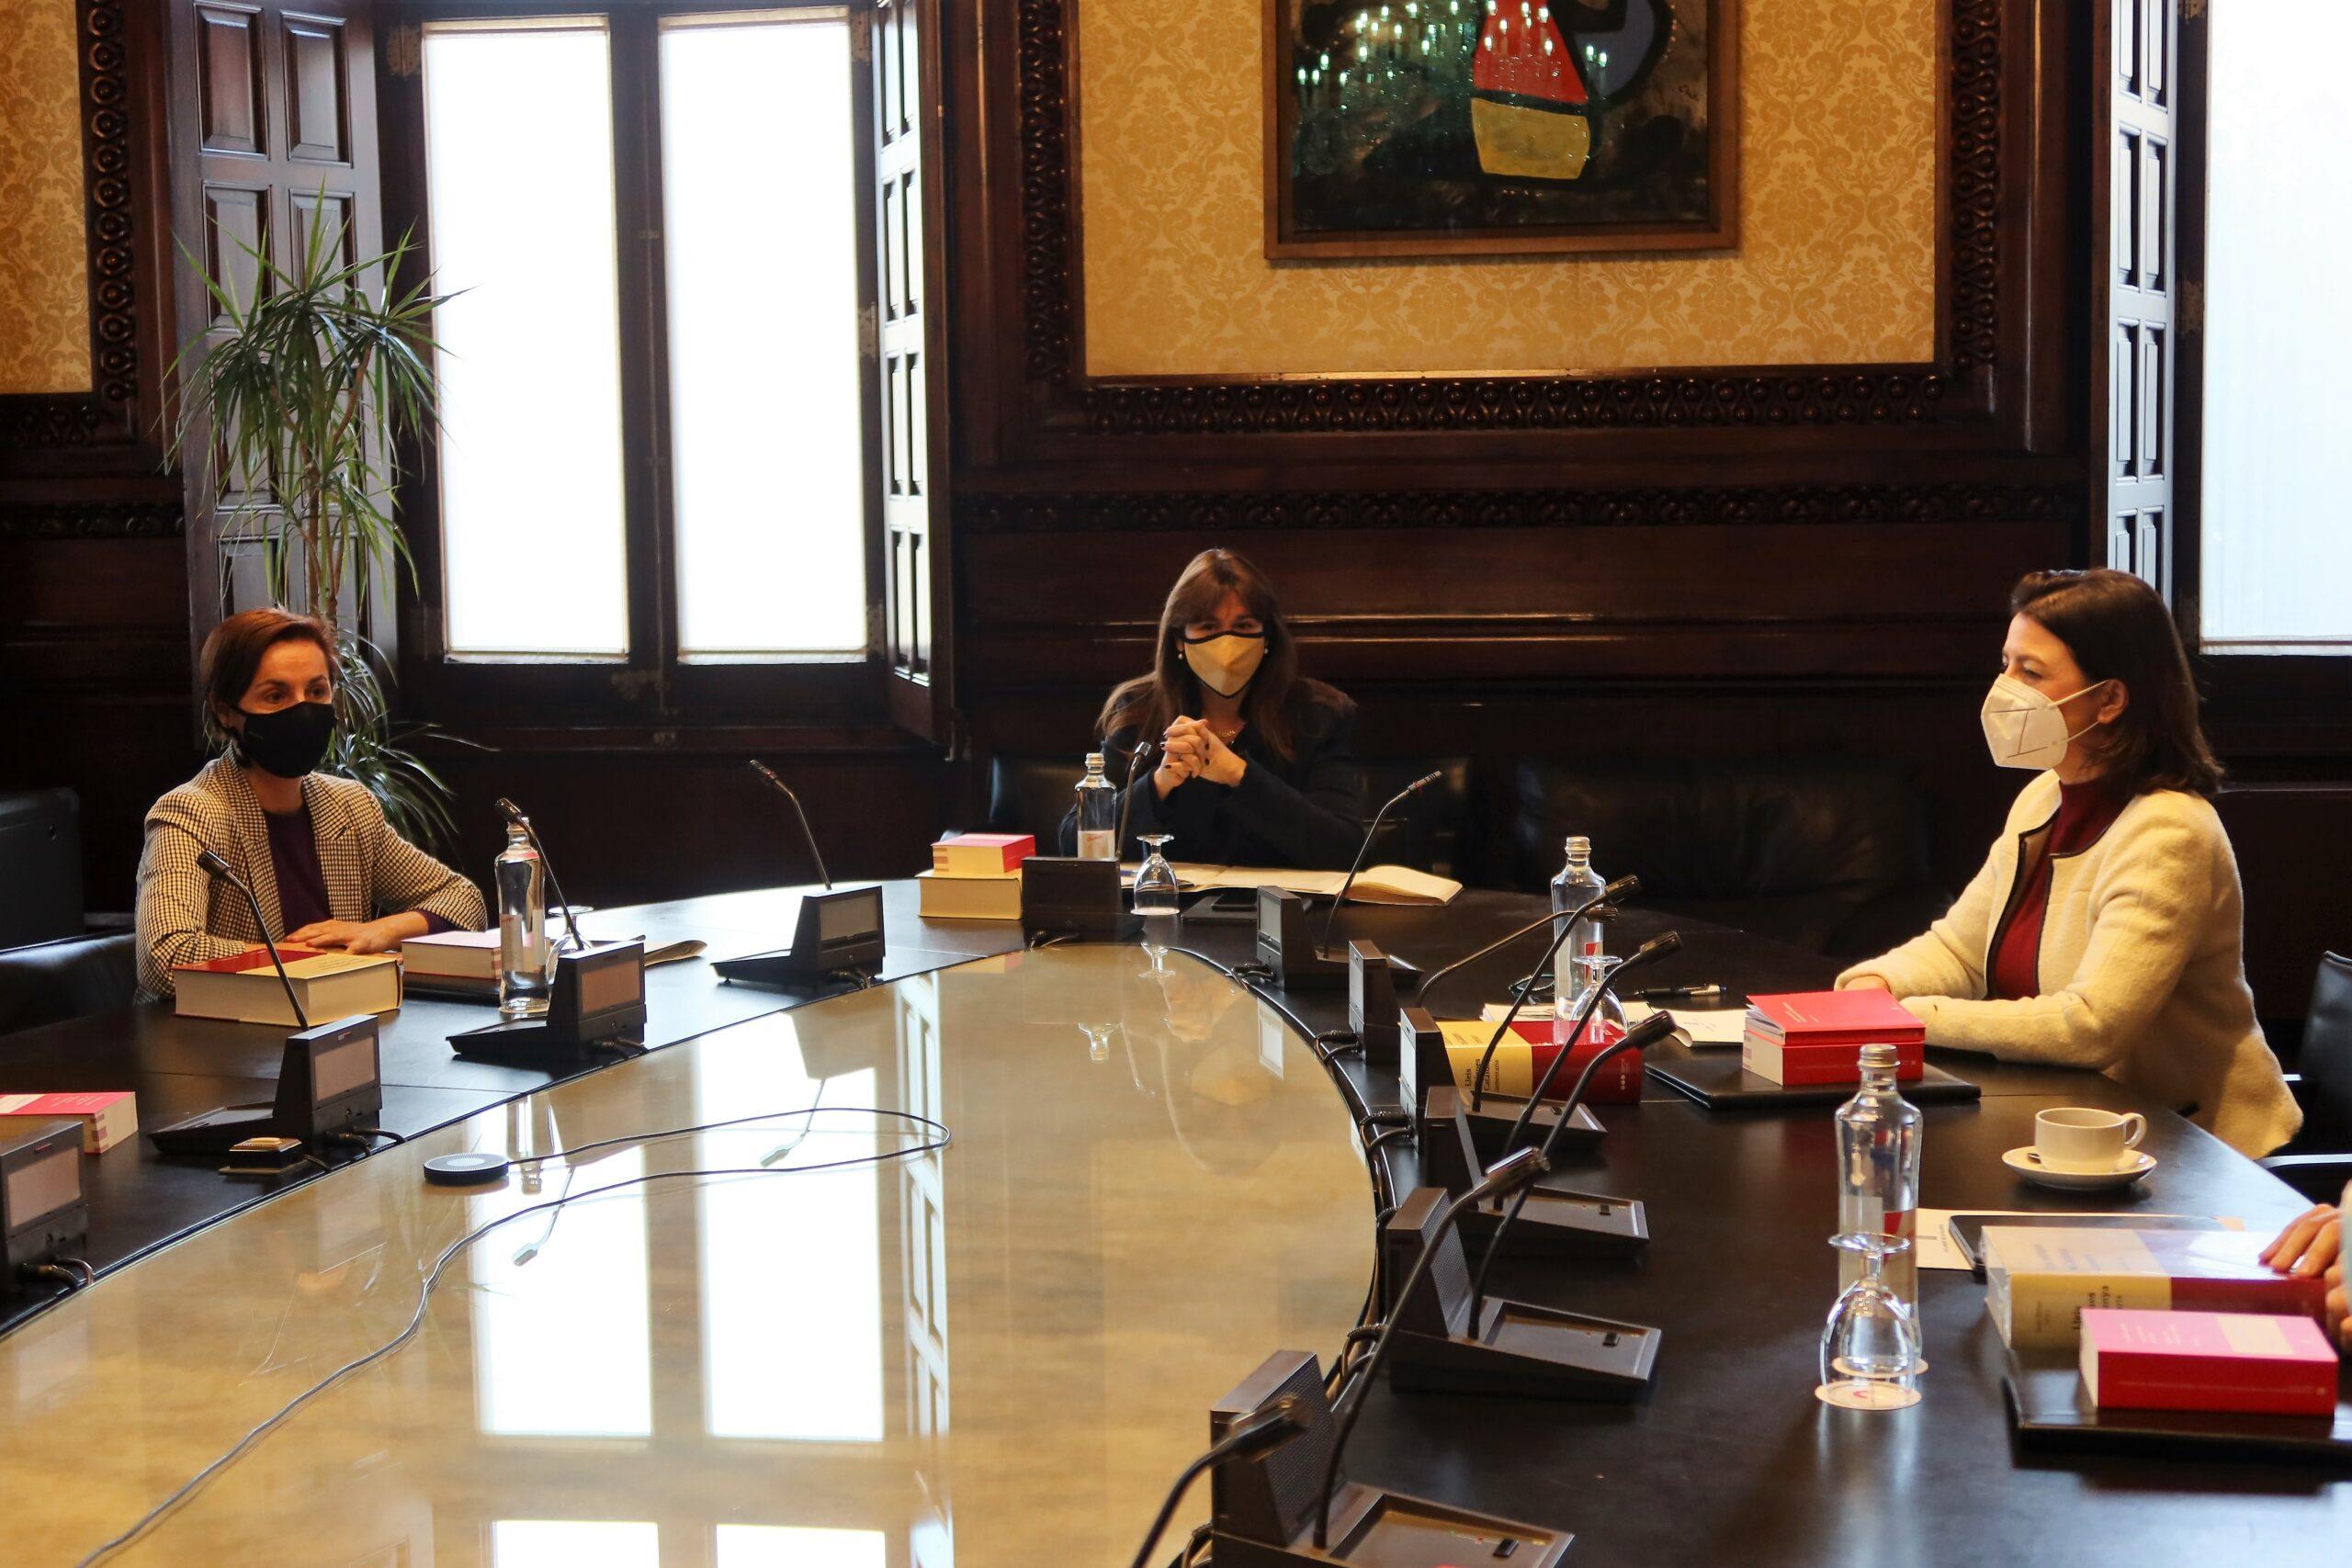 Laura Borràs, Eva Granados i Anna Caula en la primera reunió de Mesa d'aquesta legislatura/Parlament